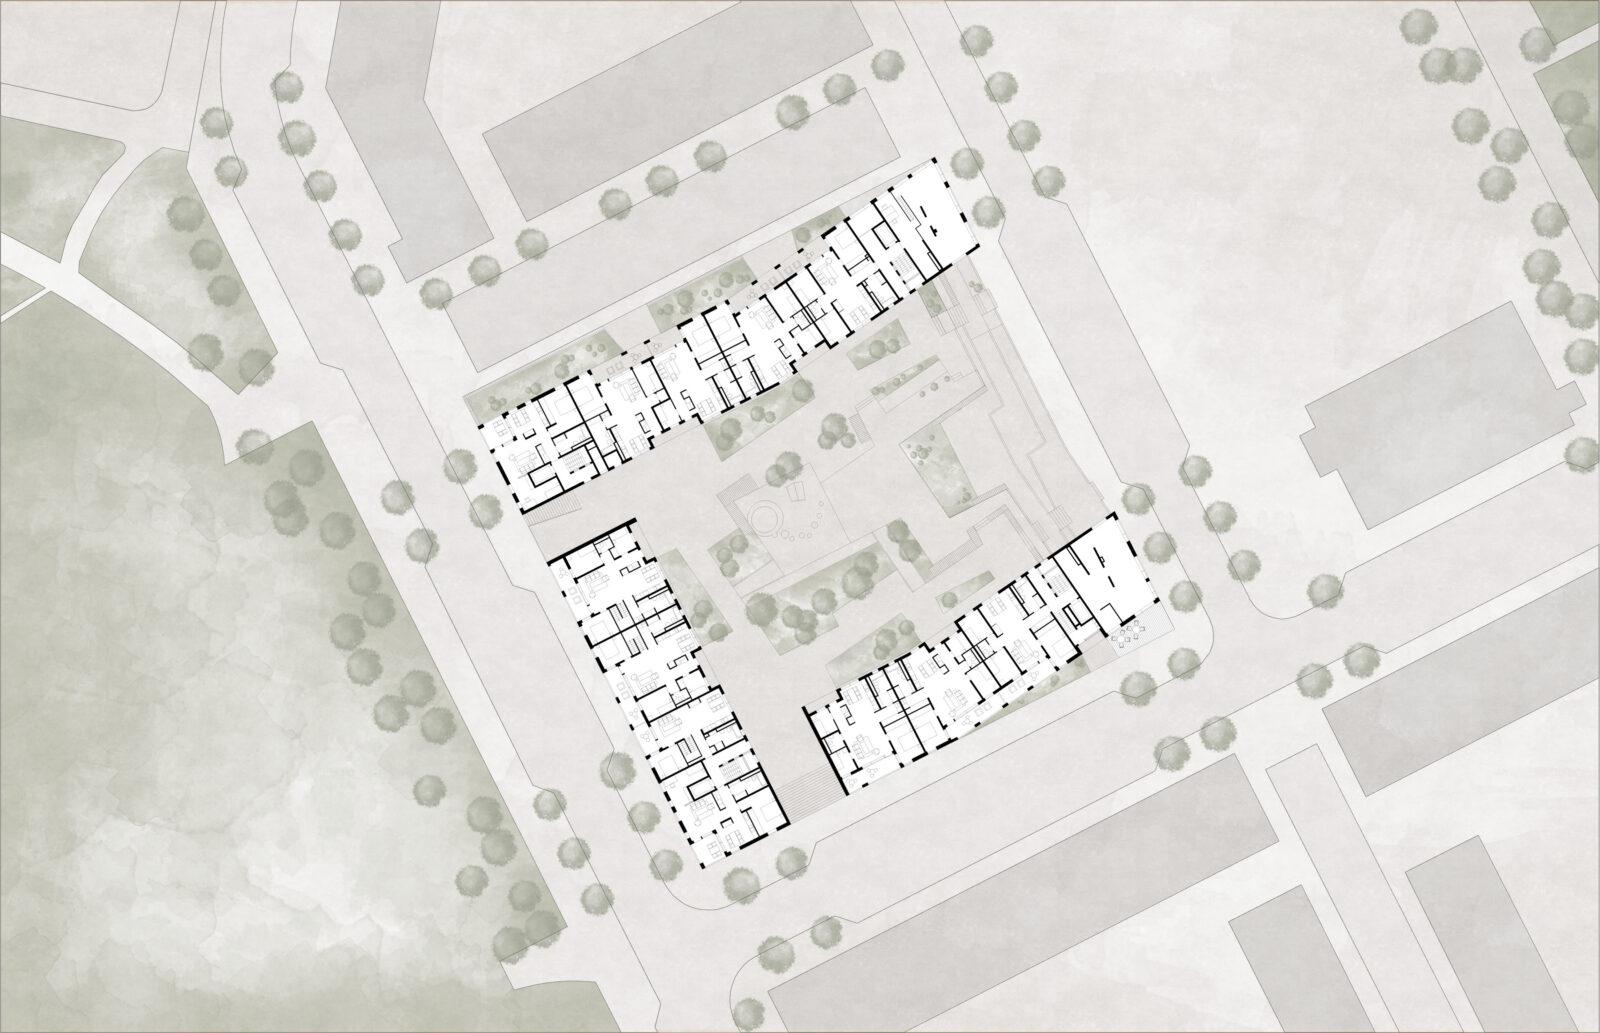 KjellanderSjoberg Maja Graddnos Plan 3600x2324px